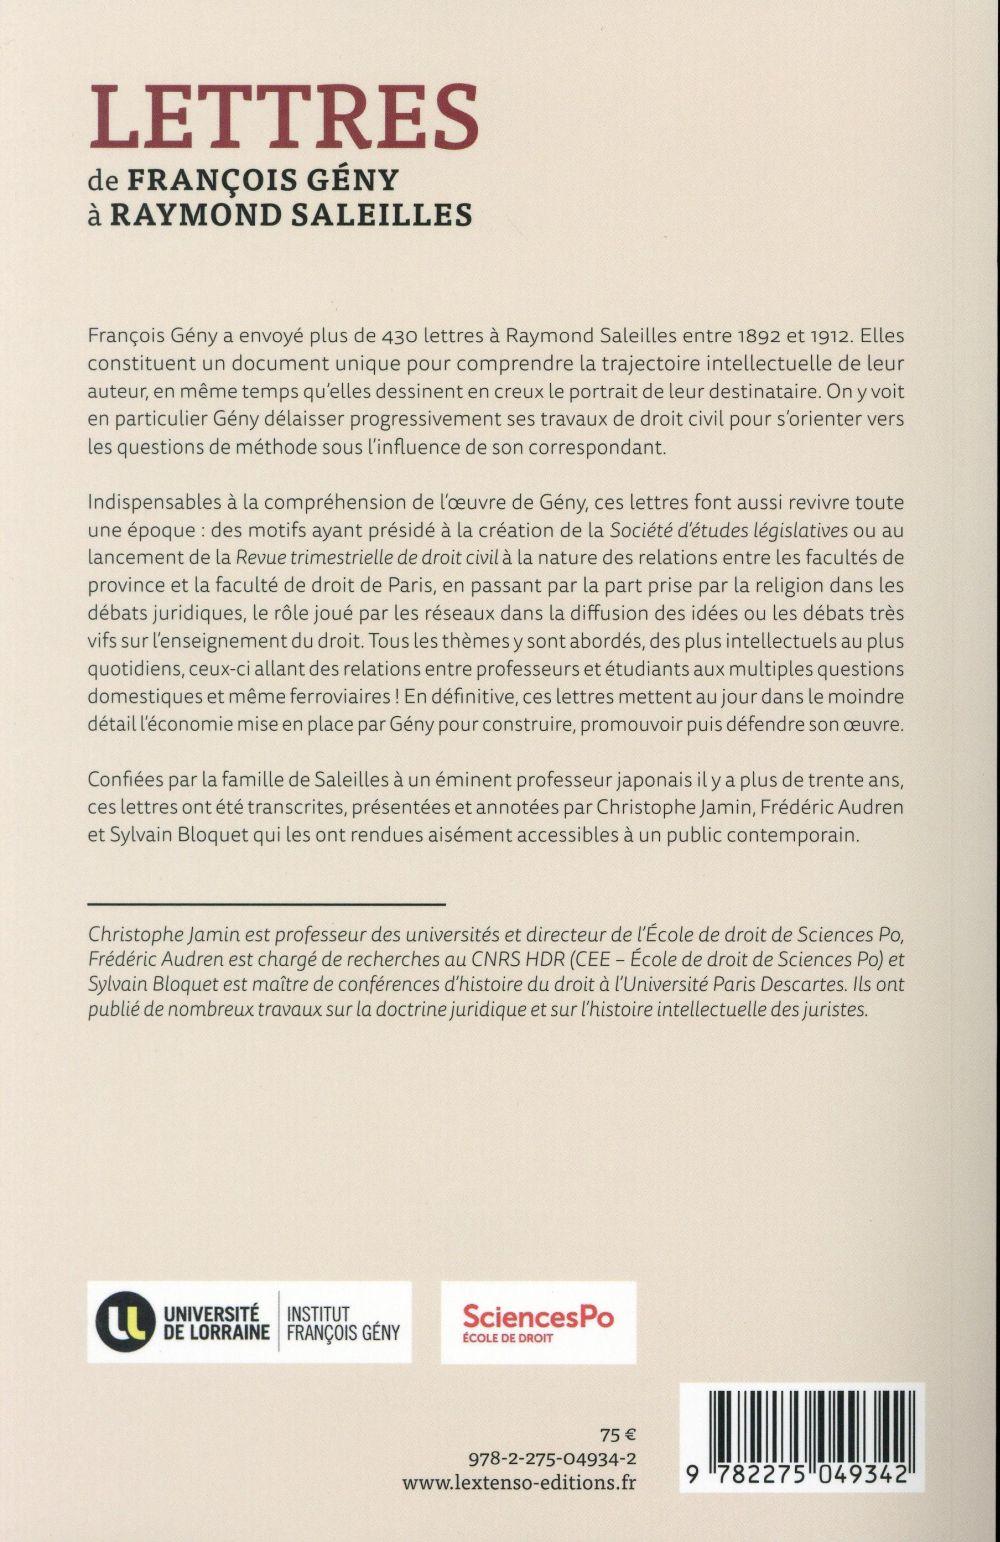 Lettres de François Geny à Raymond Saleilles ; une trajectoire intellectuelle, 1892-1912